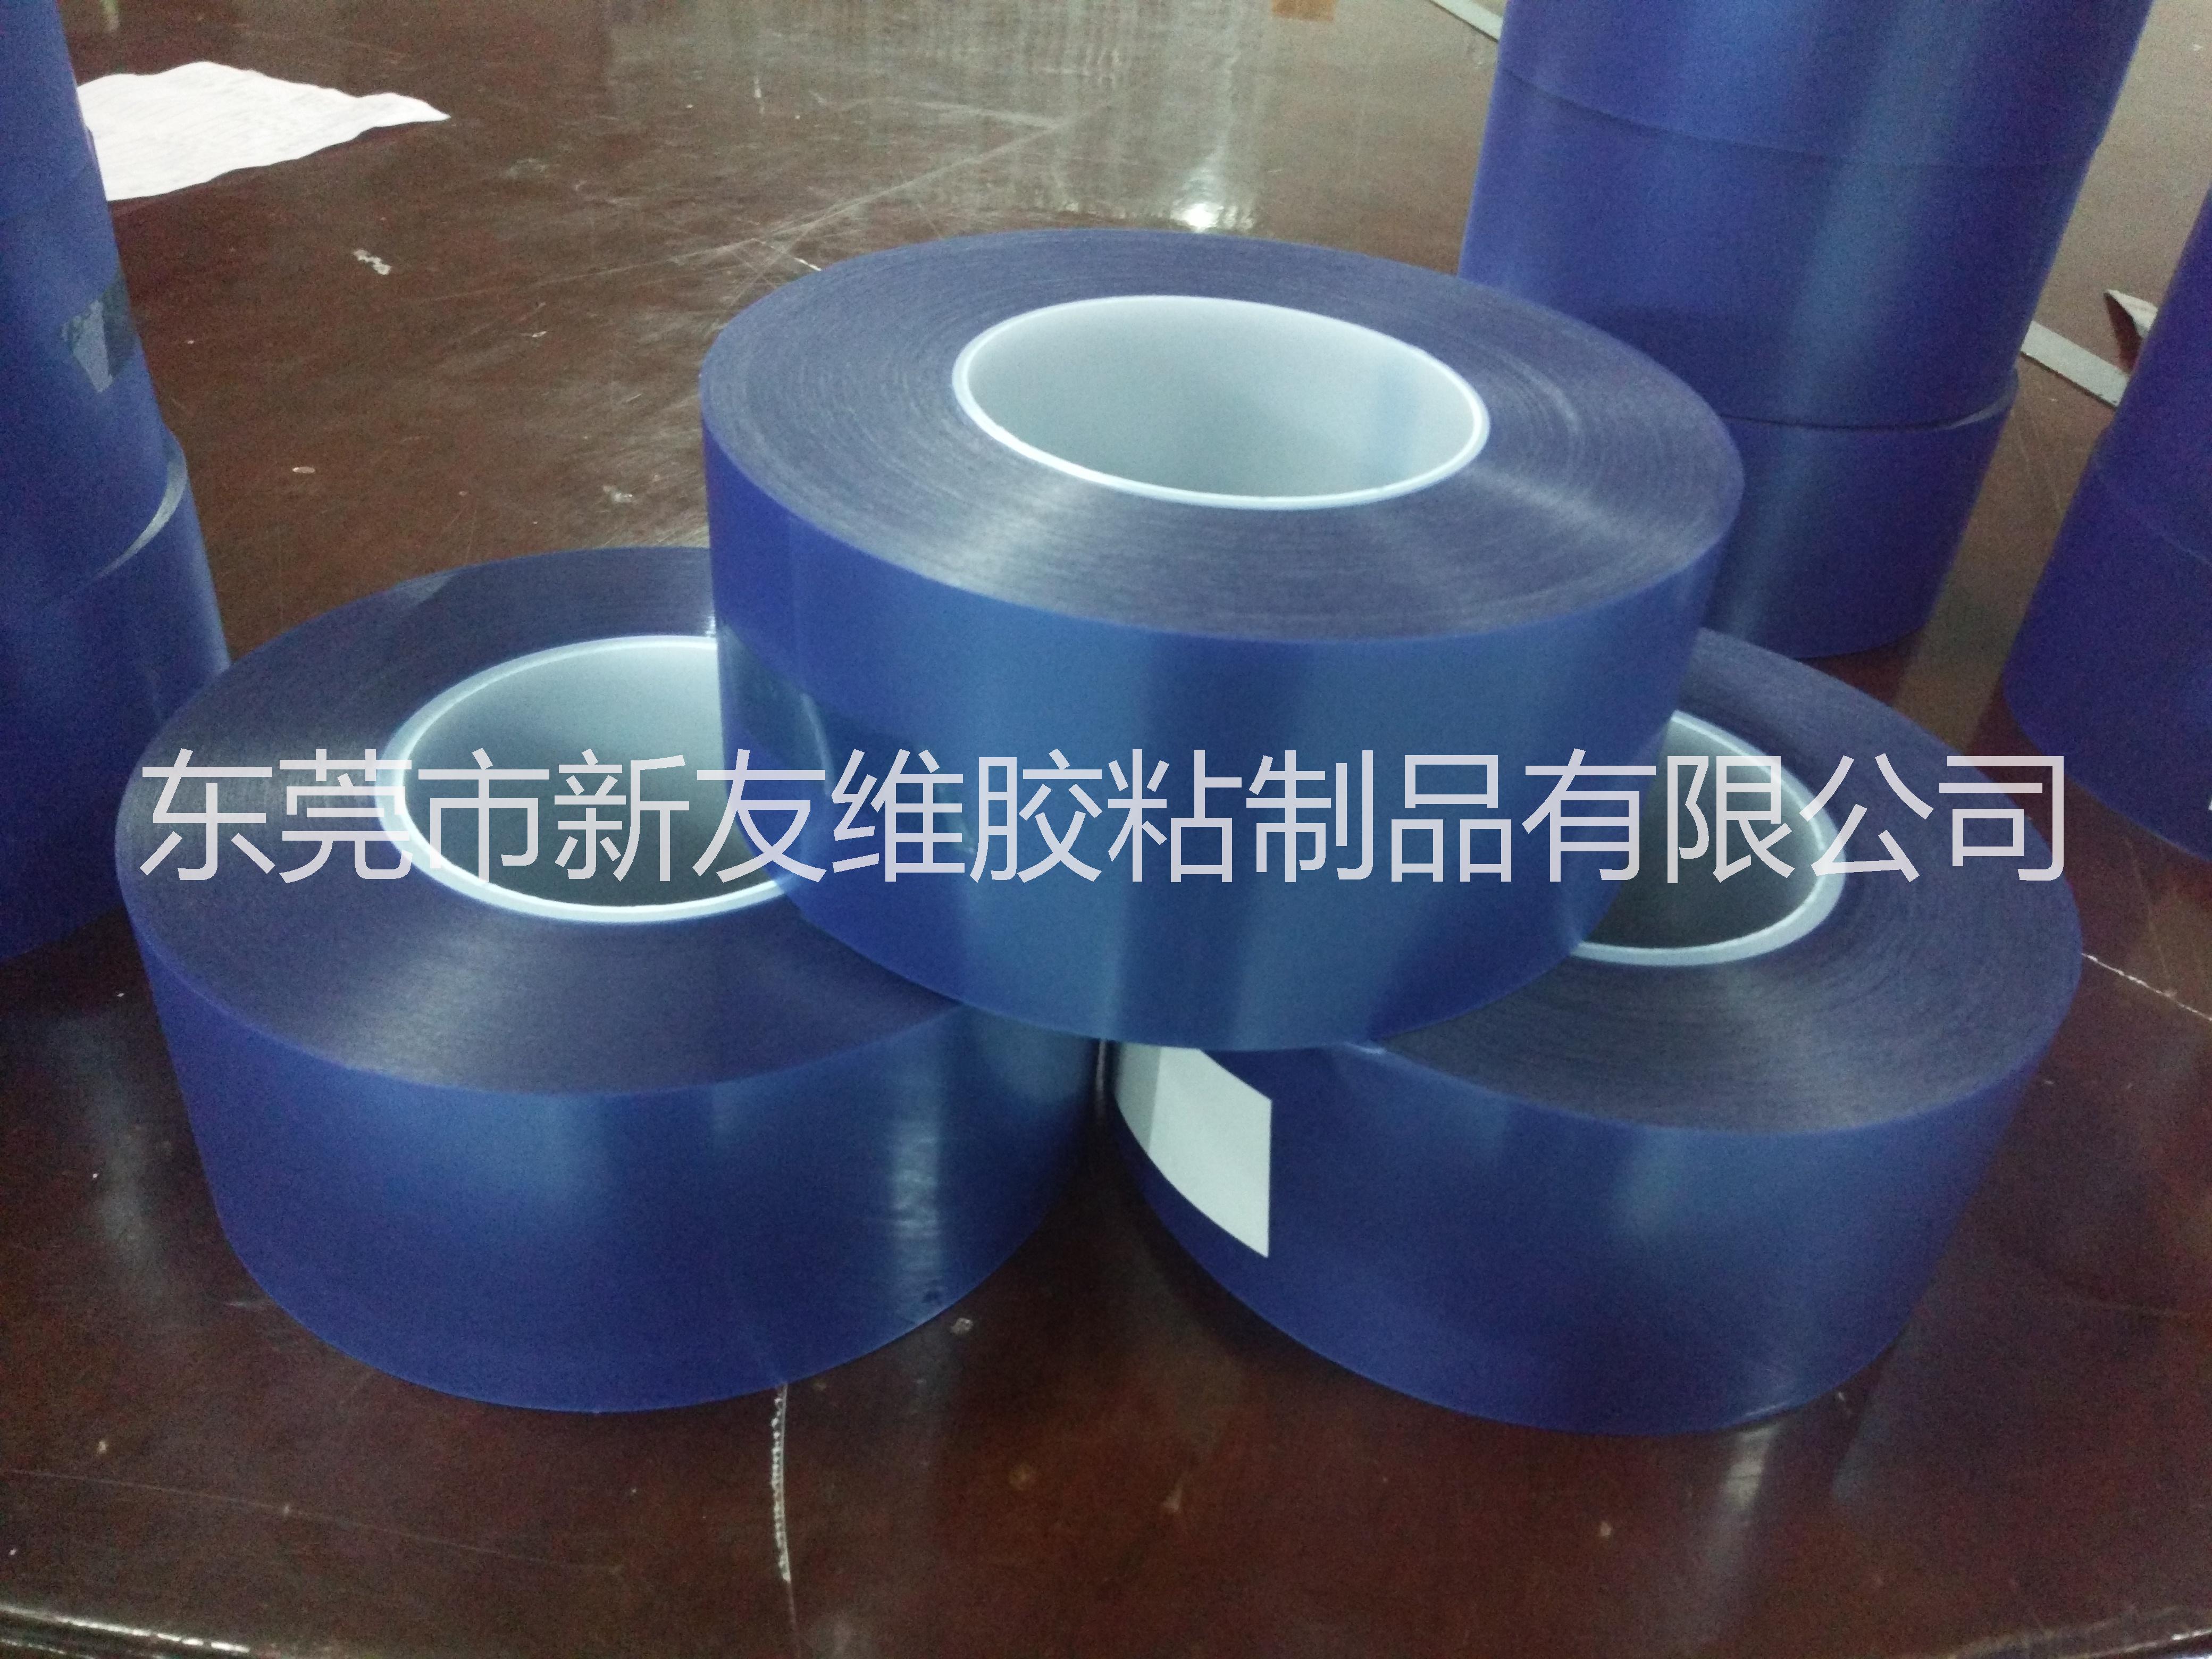 广东 UV膜生产厂家  PLC切割保护膜 晶圆研磨UV胶带  广东UV膜生产厂家